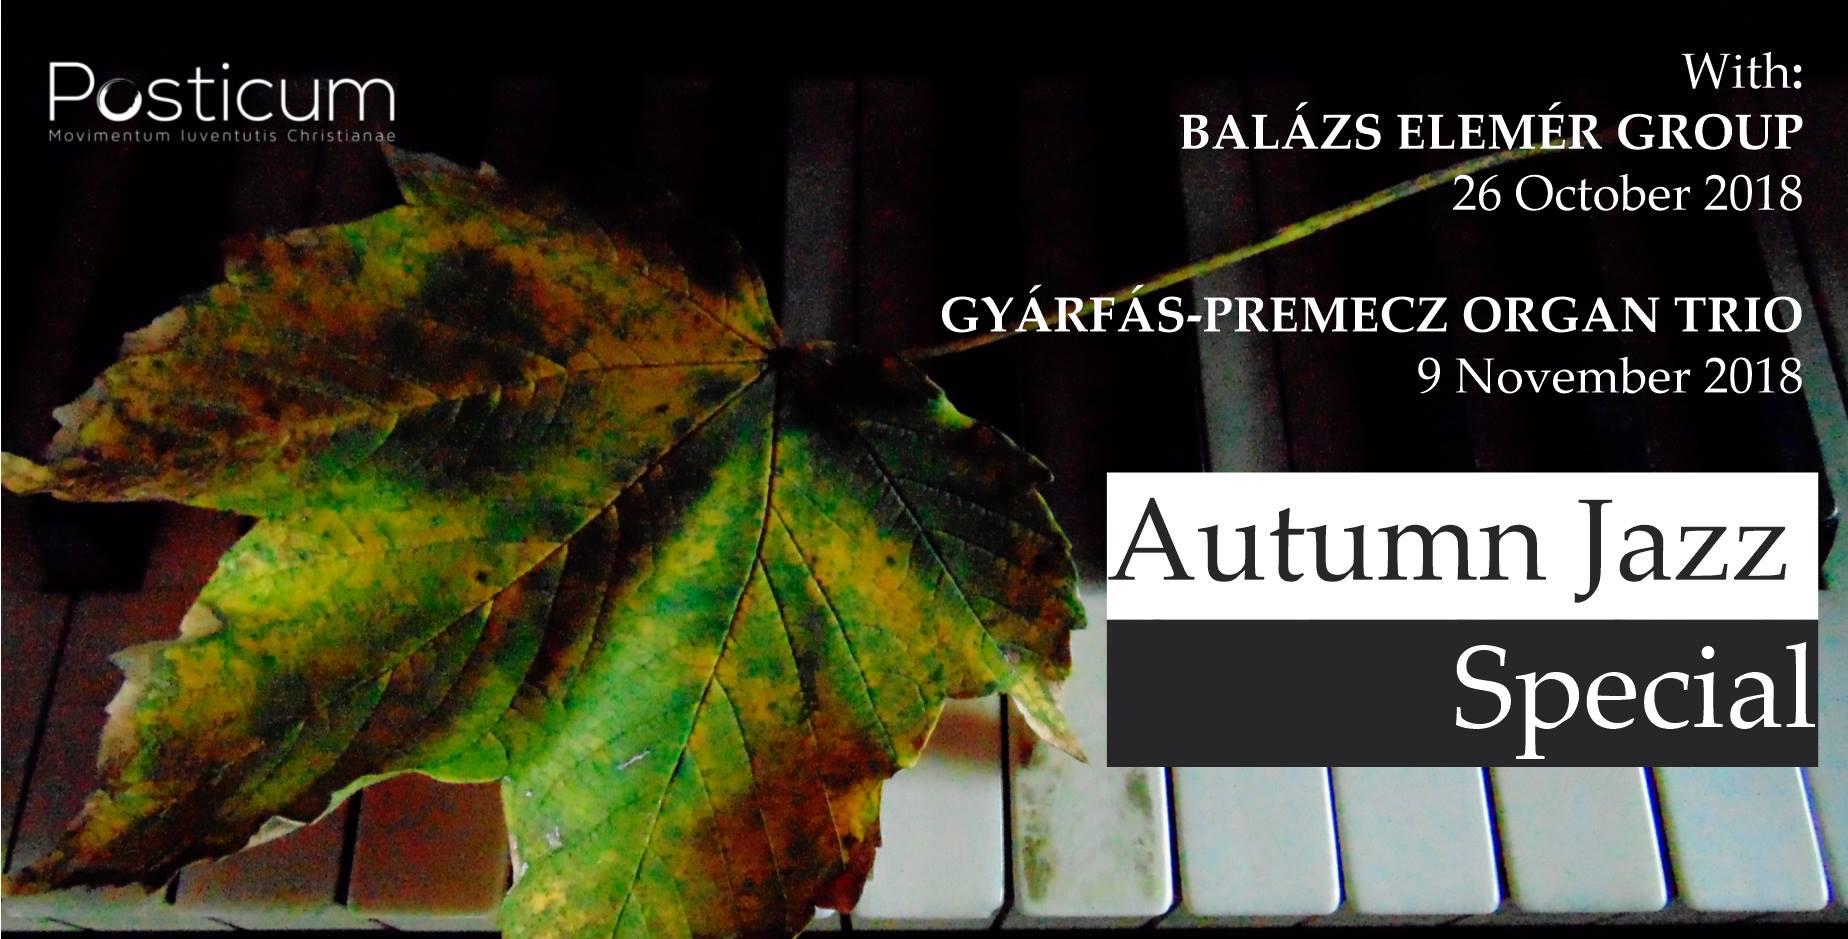 Posticum Autumn Jazz Special with BEG and Gyárfás-Premecz Trio